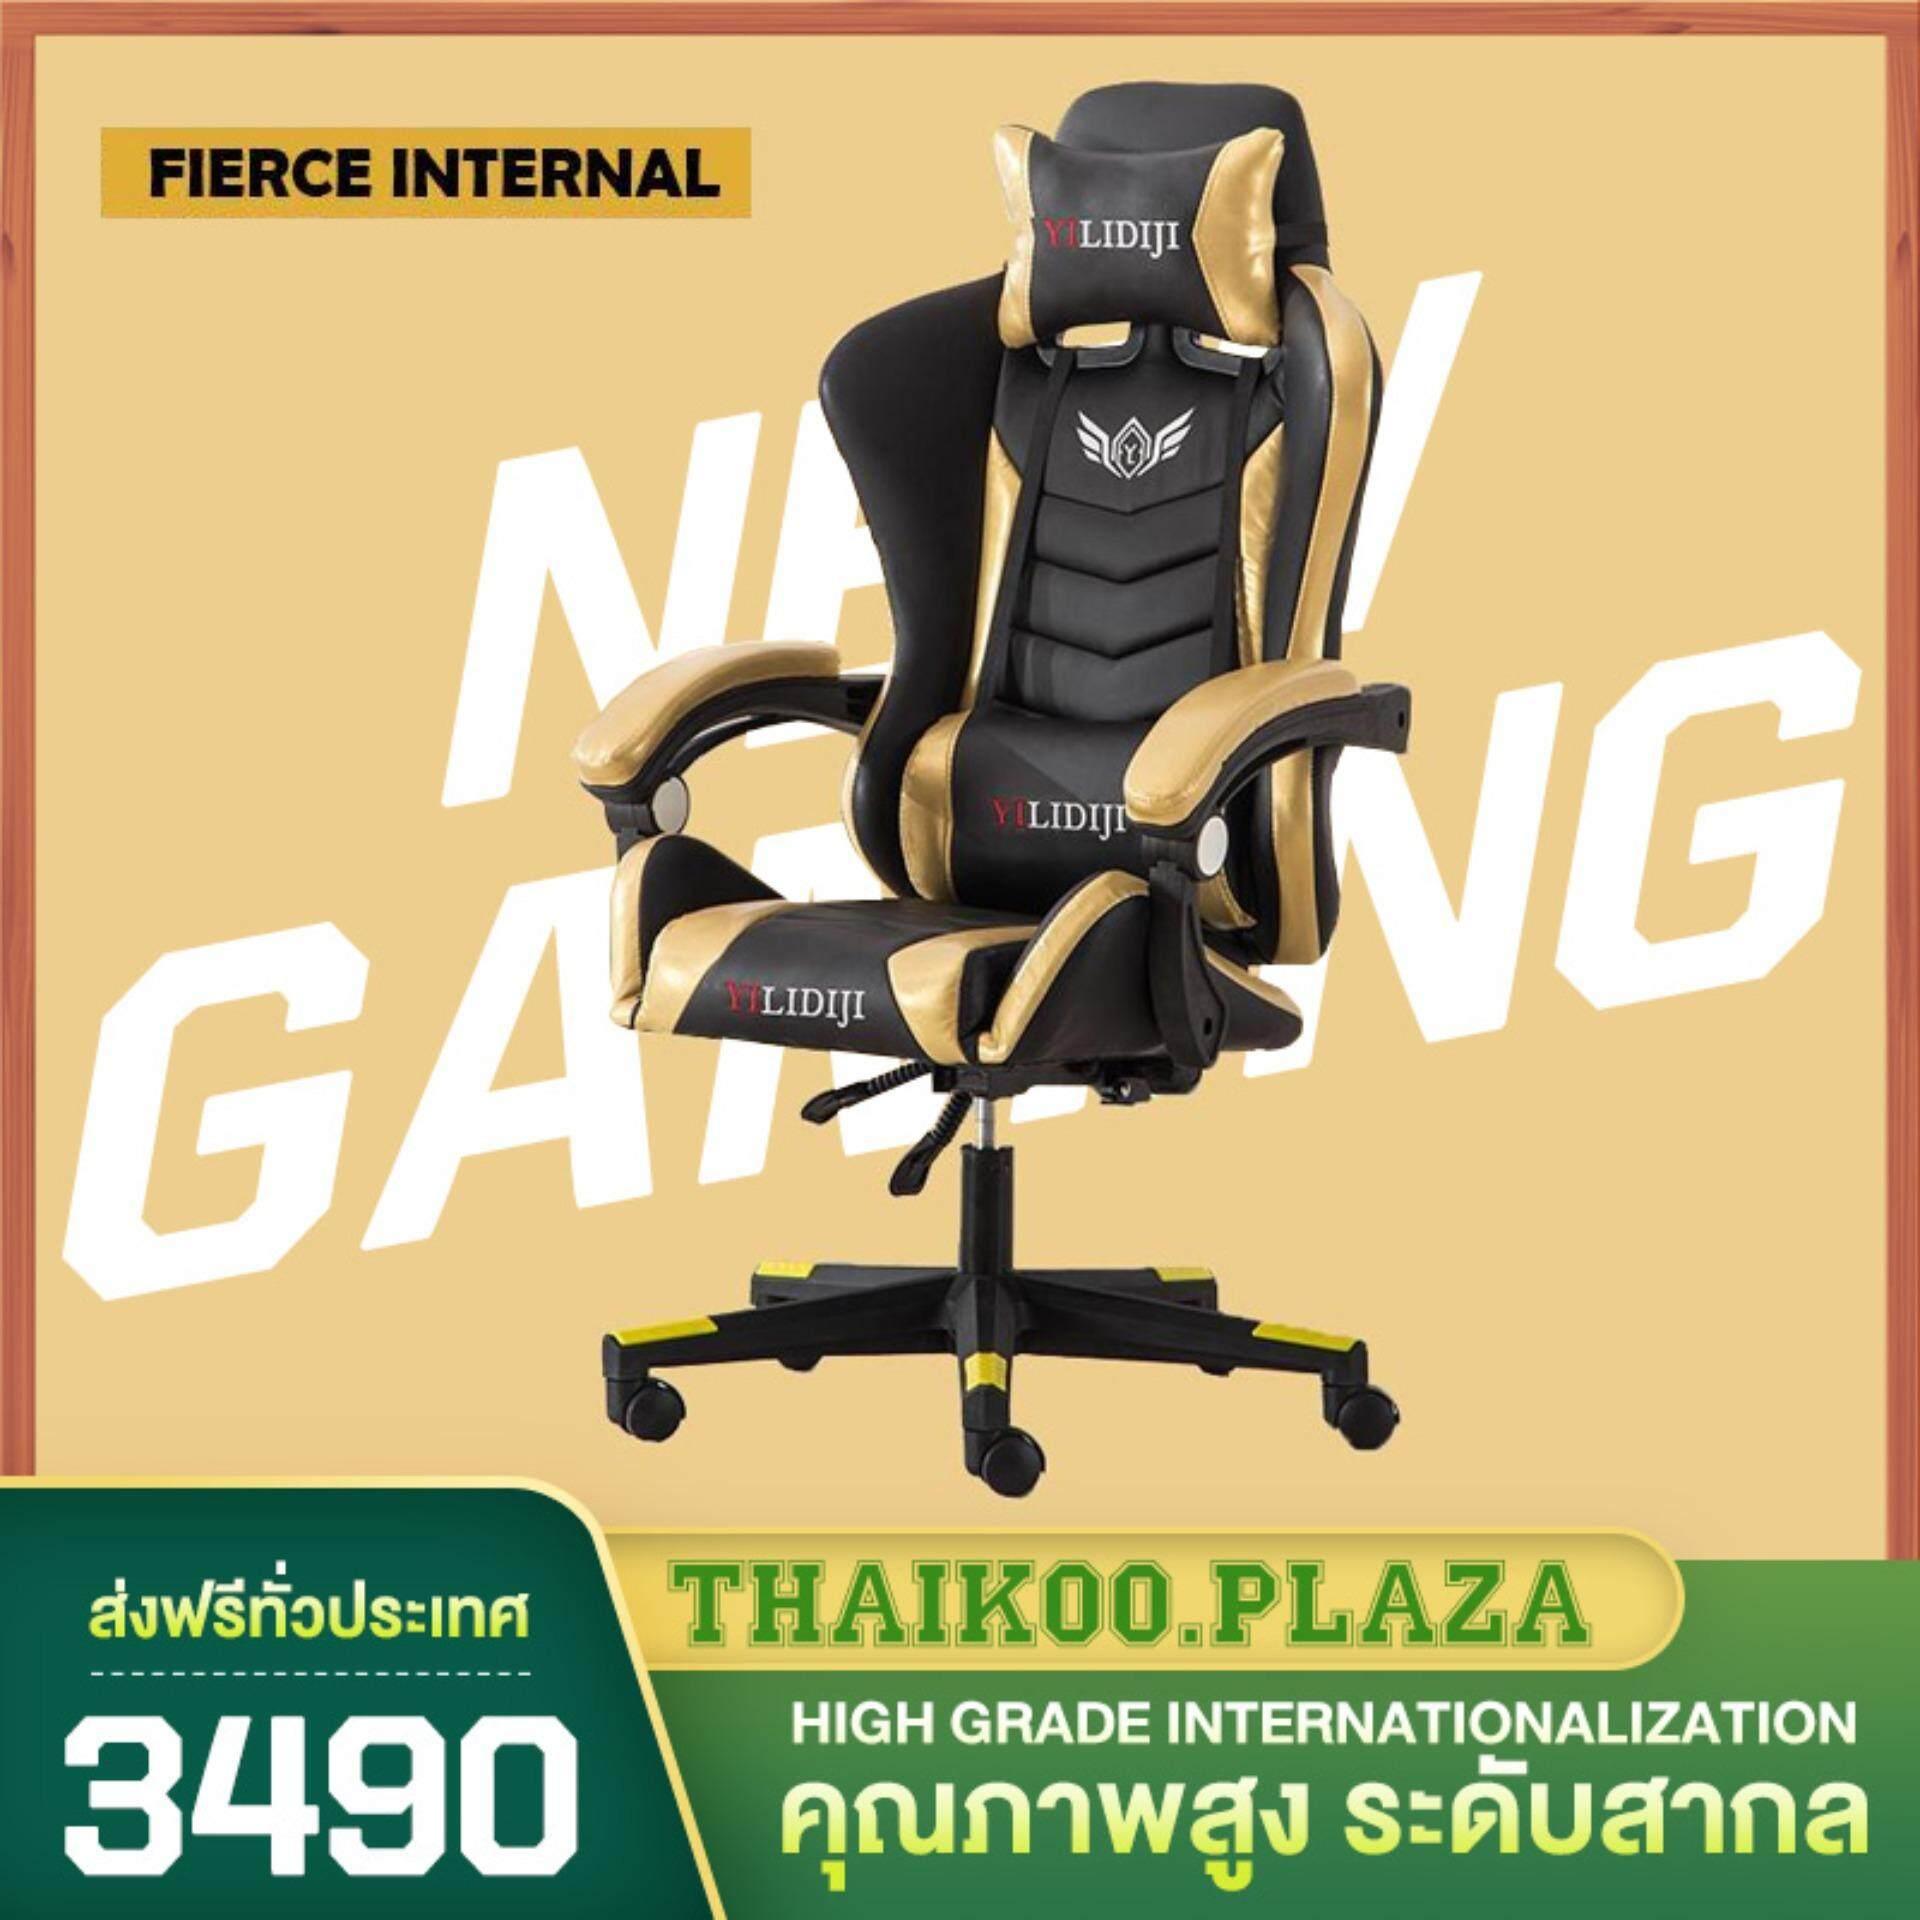 สอนใช้งาน  Thaikoo Plaza เก้าอี้เล่นเกม เก้าอี้เกมมิ่ง Gaming Chair ปรับความสูงได้ มีที่นวดในตัว รุ่น